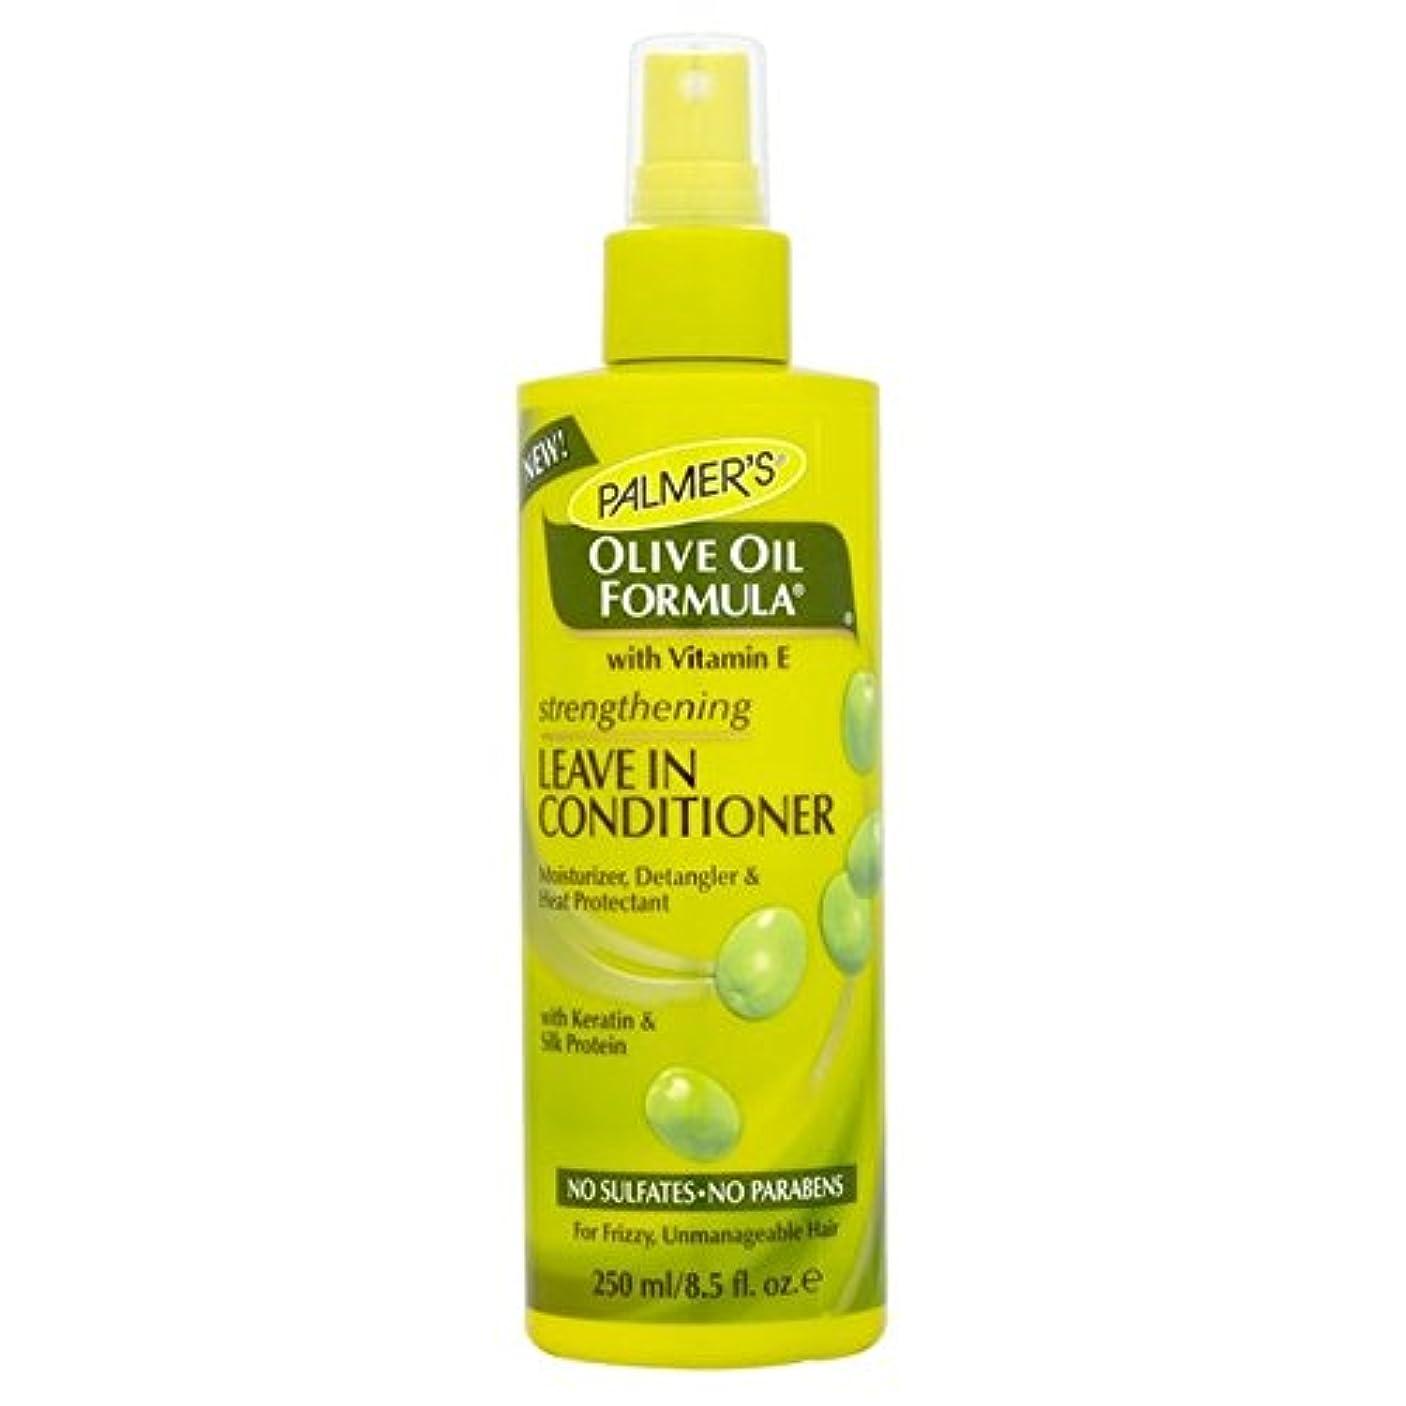 プレートレンド煙Palmer's Olive Oil Formula Strengthening Leave-in Conditioner 250ml - リーブインコンディショナー250を強化パーマーのオリーブオイル式 [並行輸入品]